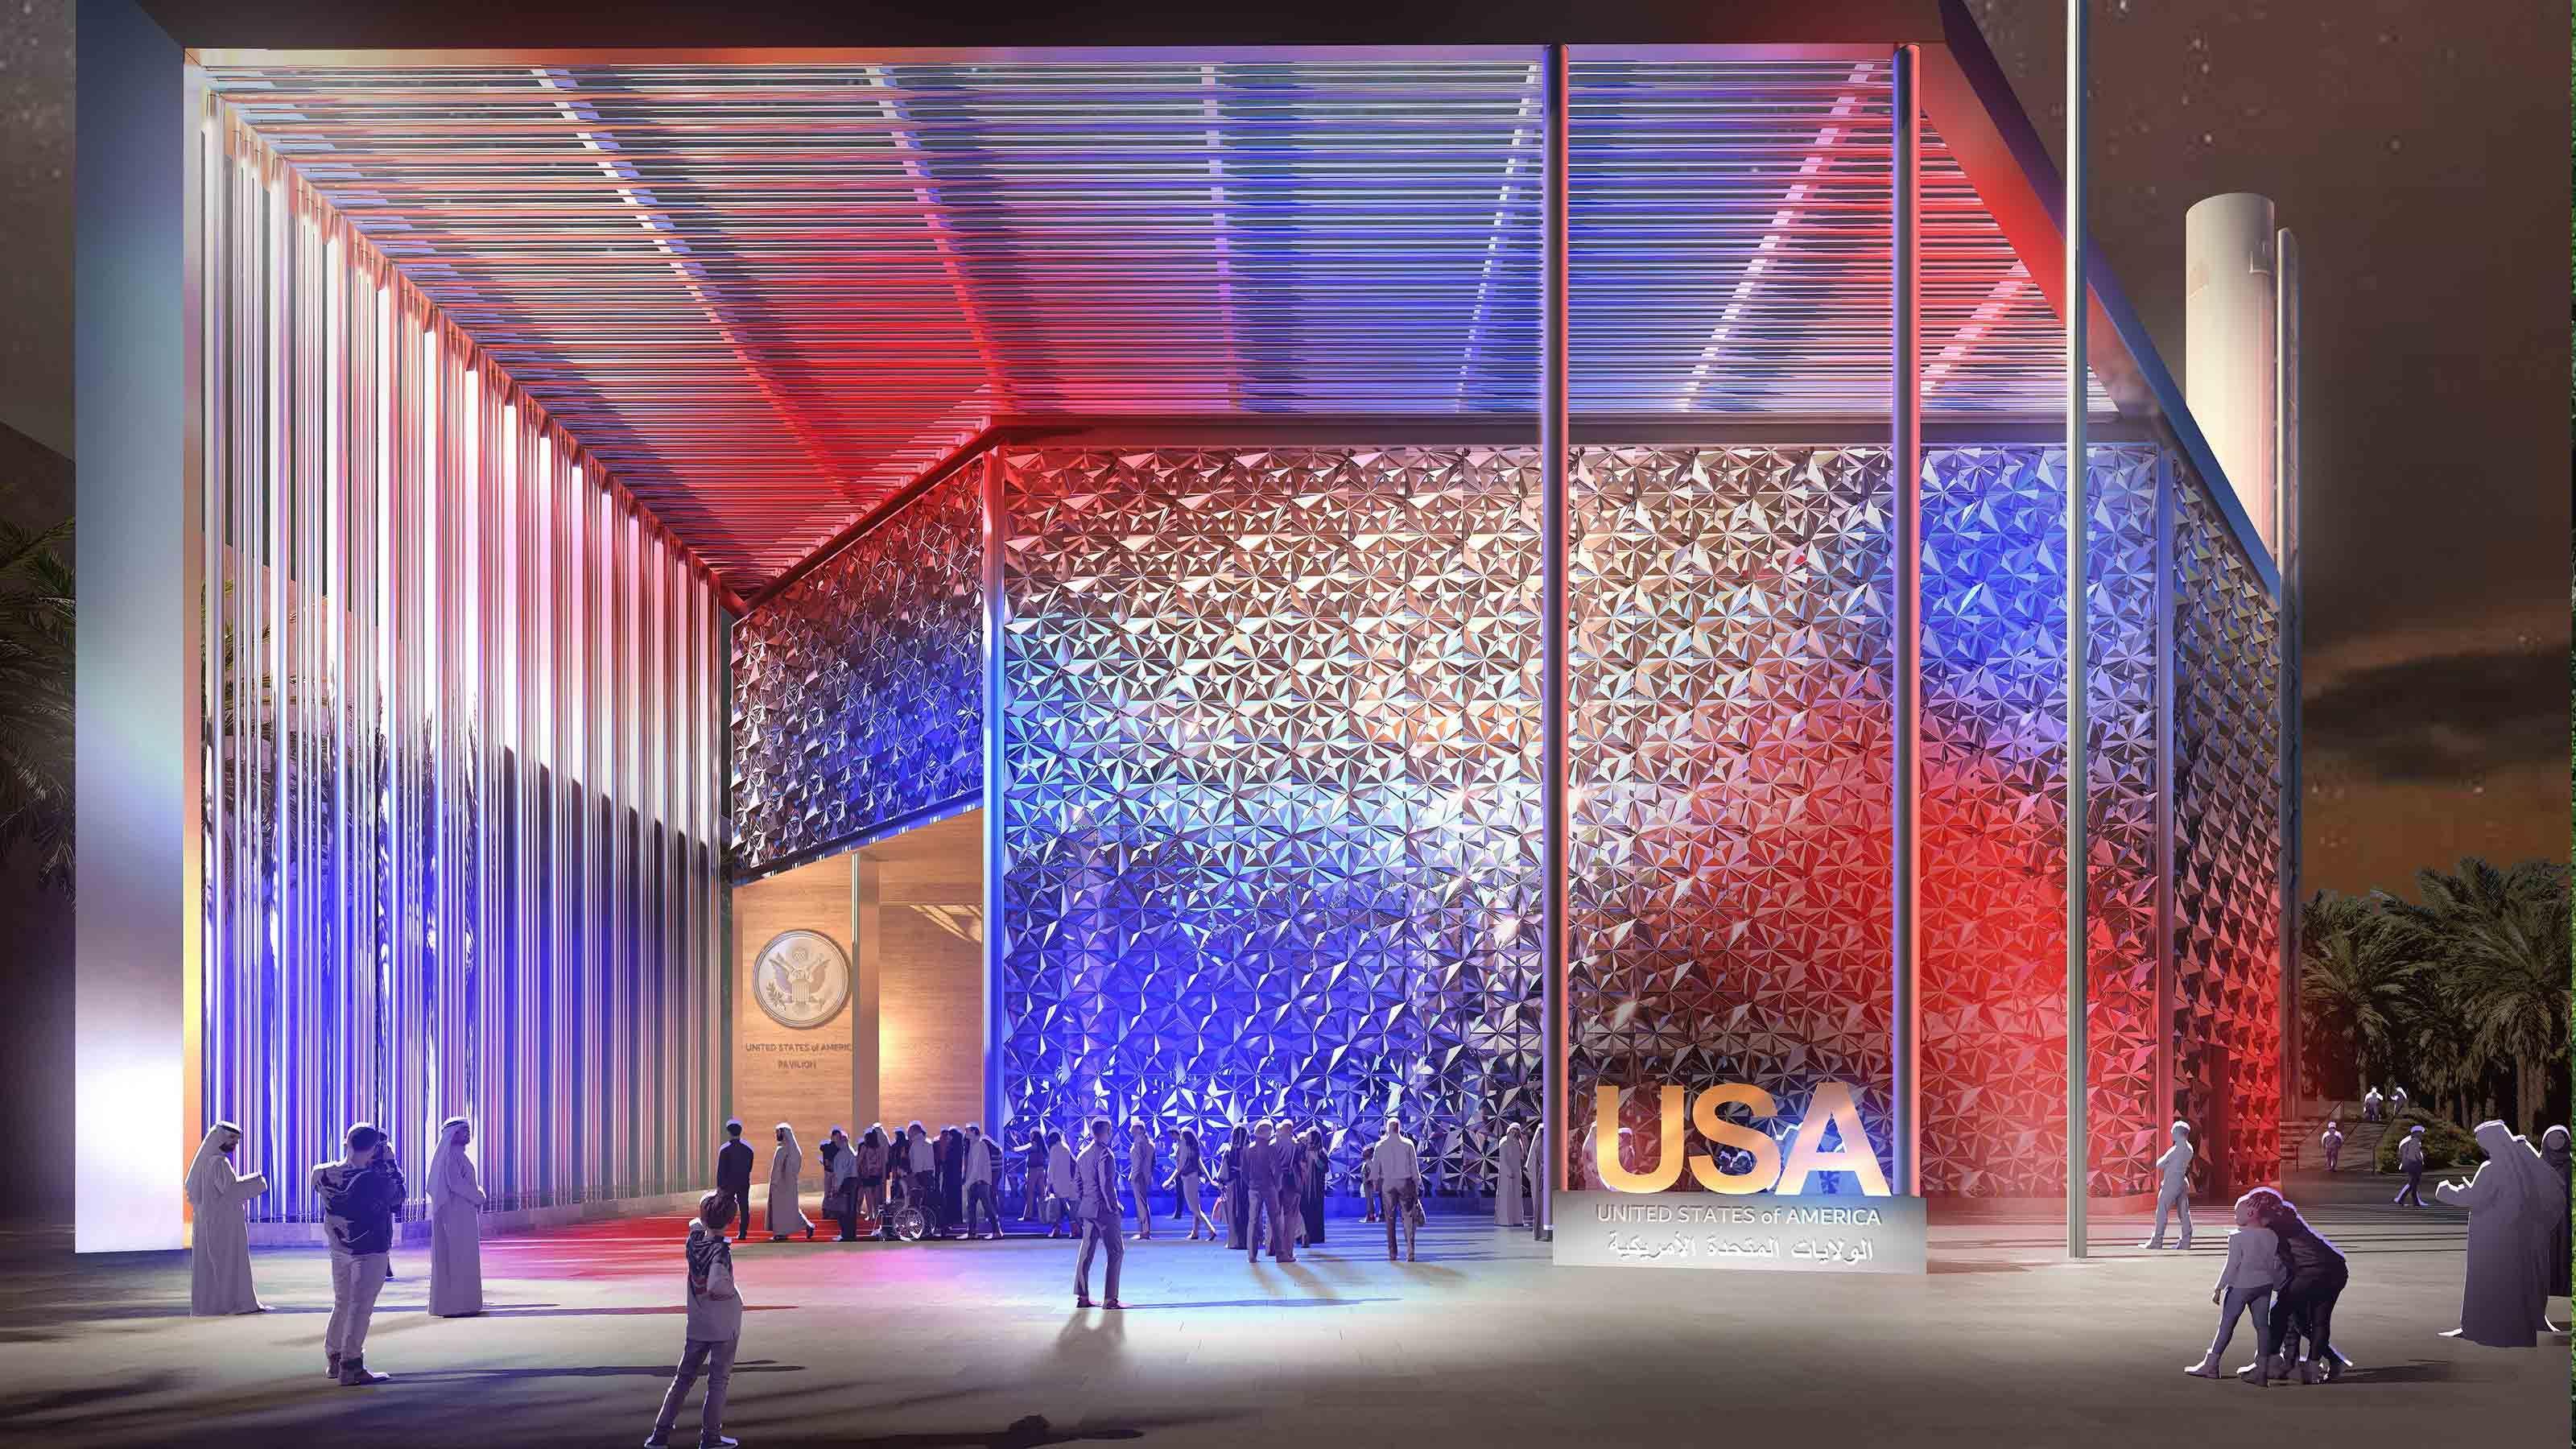 """<h1 dir=""""ltr"""">Expo 2020 Dubái</h1> <p><span id=""""docs-internal-guid-95ed2b00-7fff-5cf5-900b-fef99072f98e""""></span></p>"""